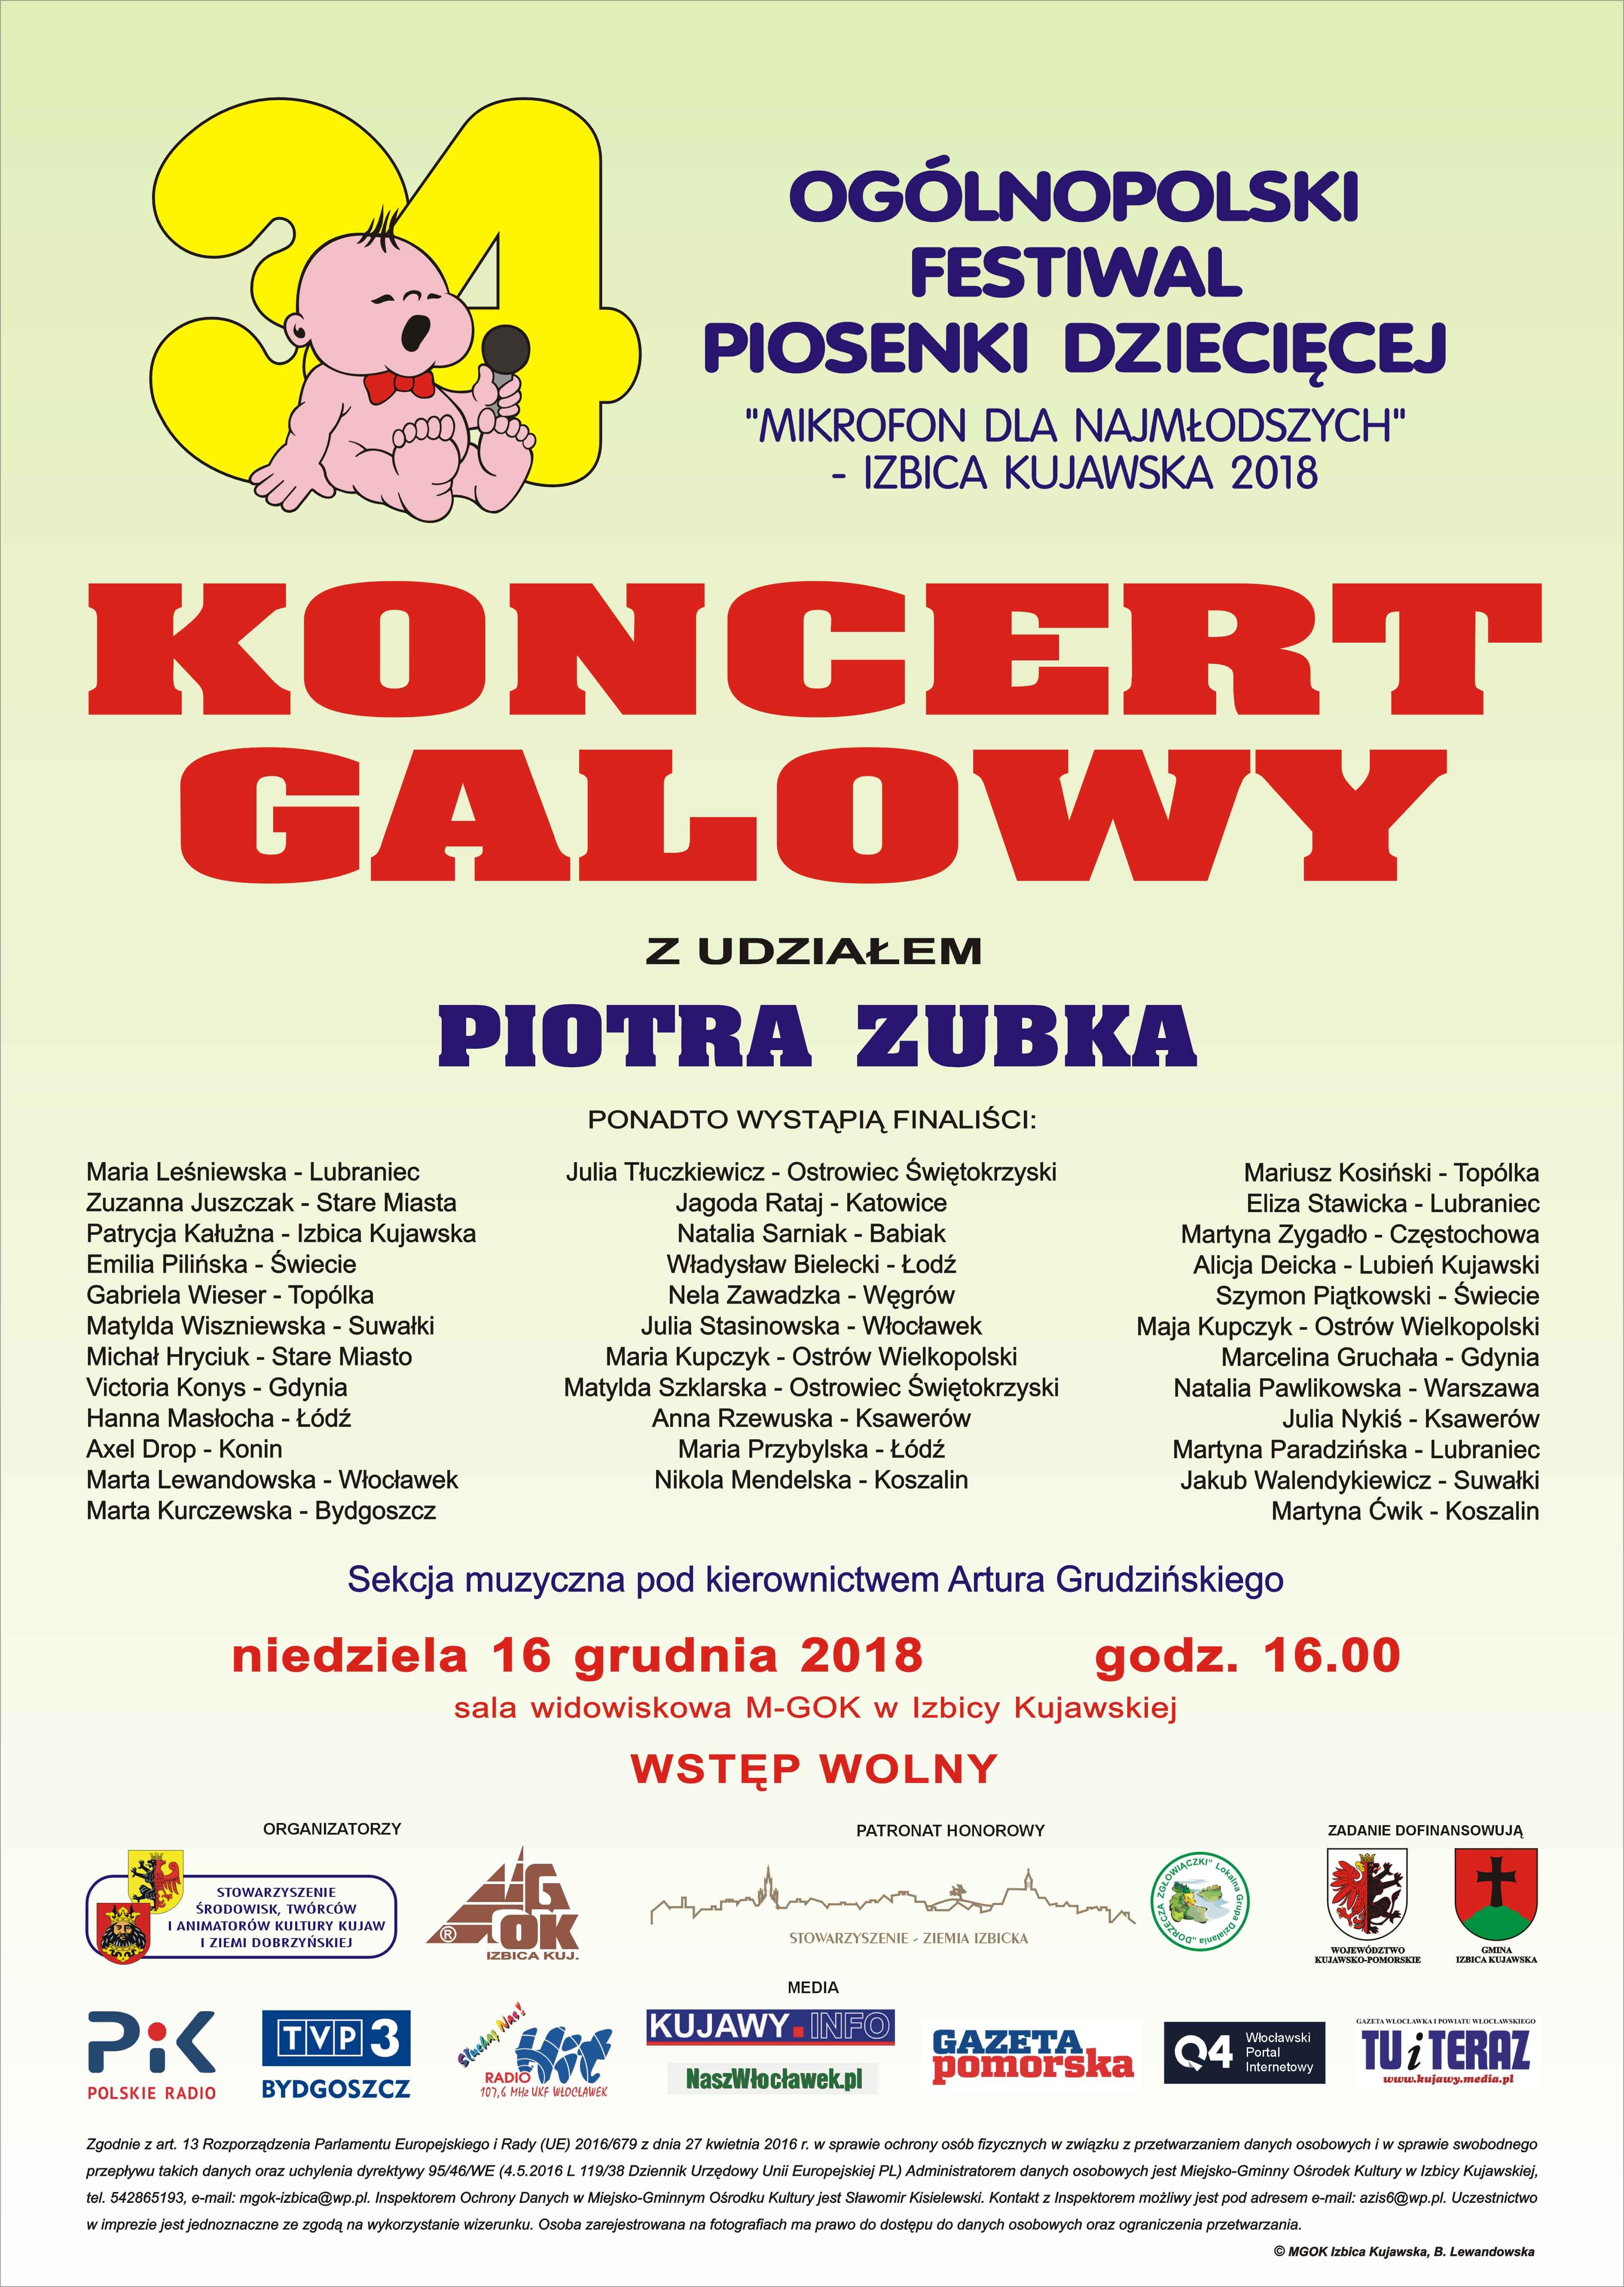 Ogólnopolski festiwal mikrofon dla najmłodszych